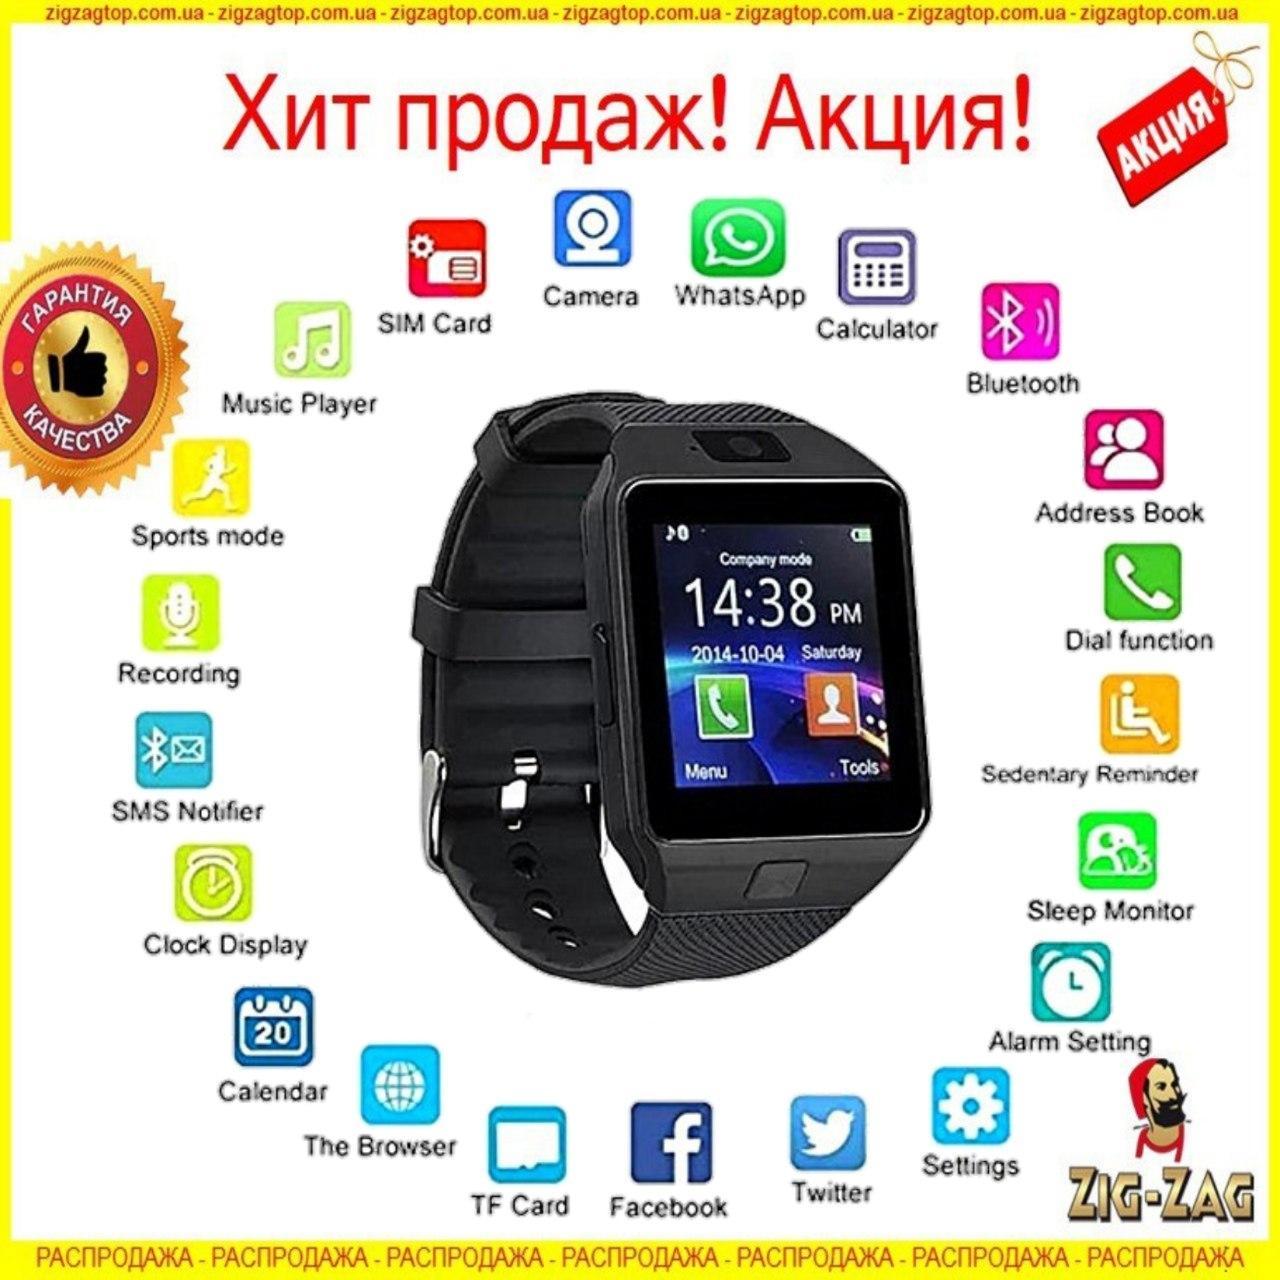 Розумні годинник Smart Watch DZ09 Смарт Воч Розумний Годинник, Гаджет для Android, iOS ДЗ09 ДЗВІНКІВ Годинник-телефон NEW